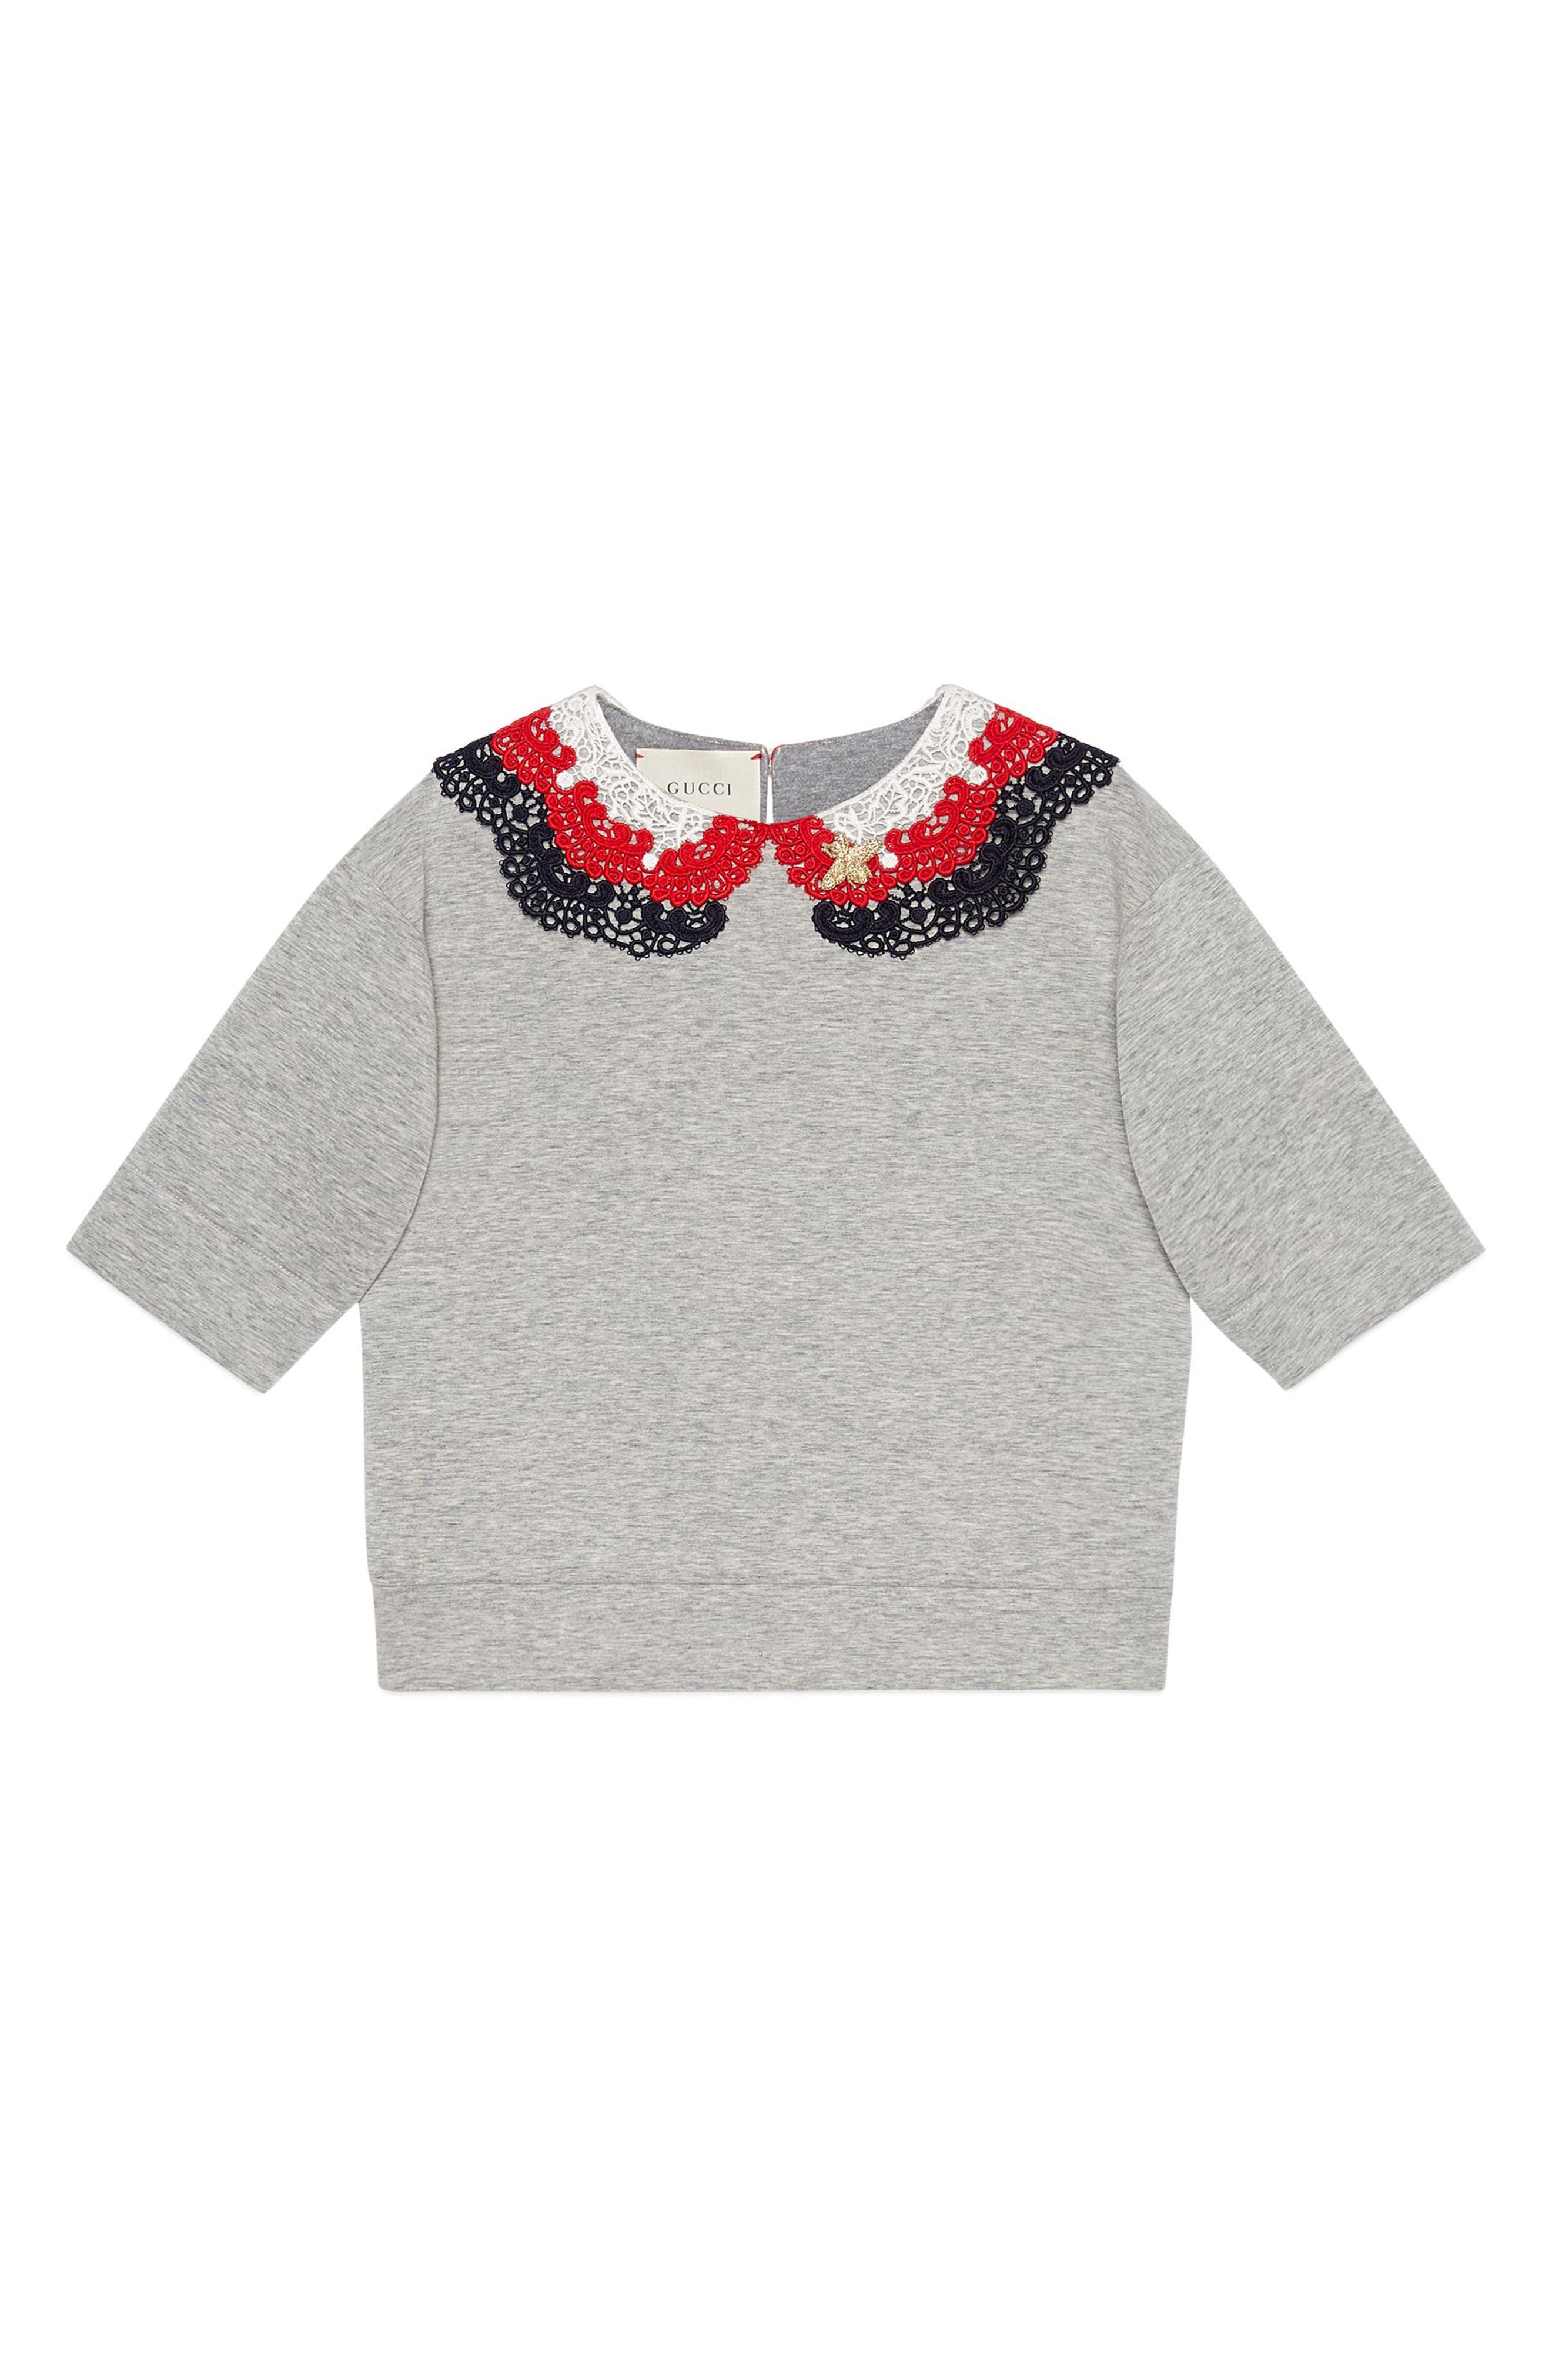 Sweatshirt,                         Main,                         color, Black/ Grey